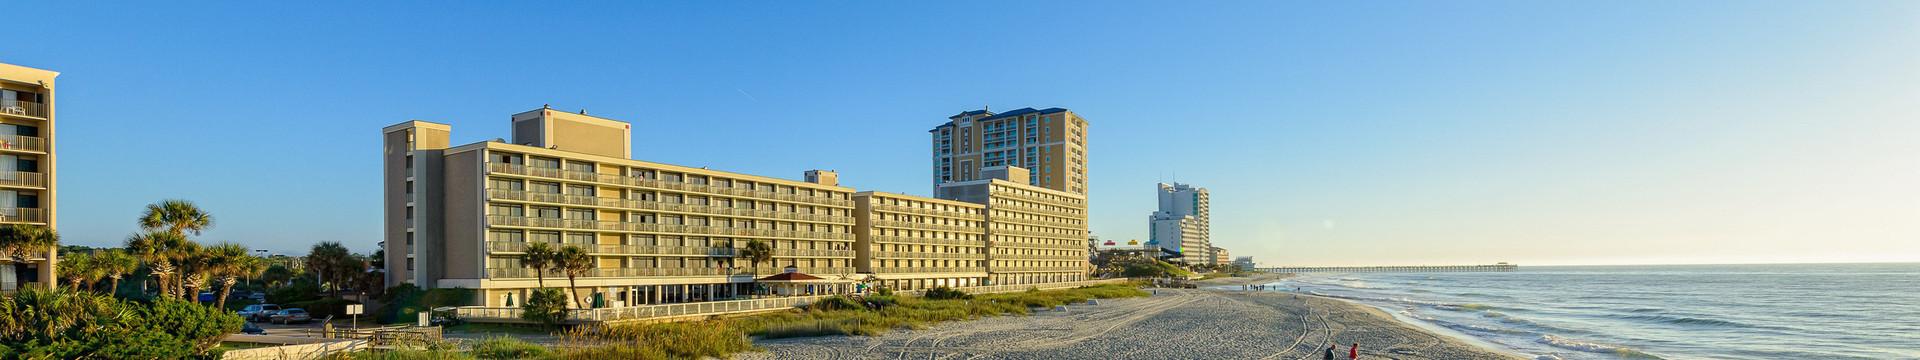 Myrtle Beach - Westgate Myrtle Beach